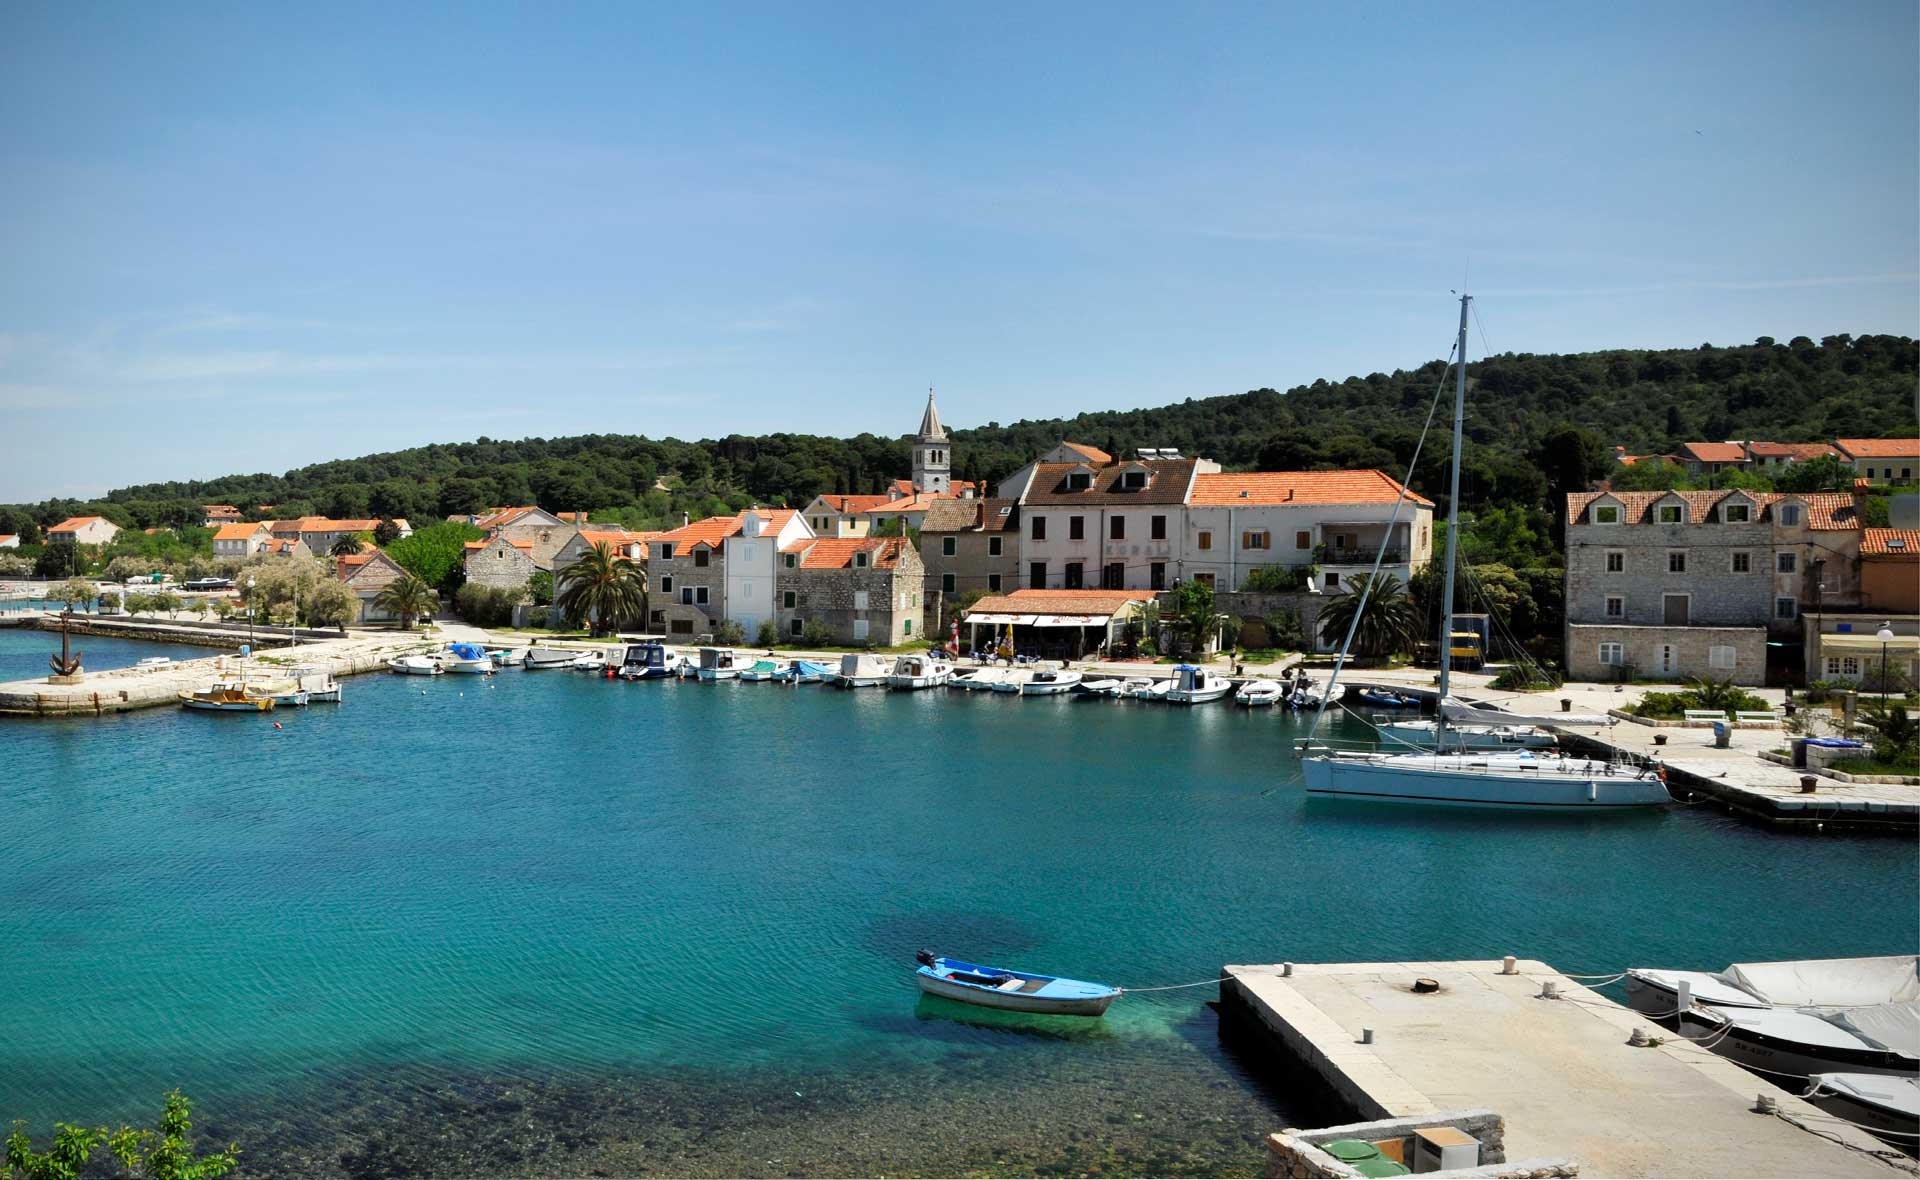 Noleggio Barche Zlarin – Isola di Zlarin - Navalia | Noleggia un Sogno